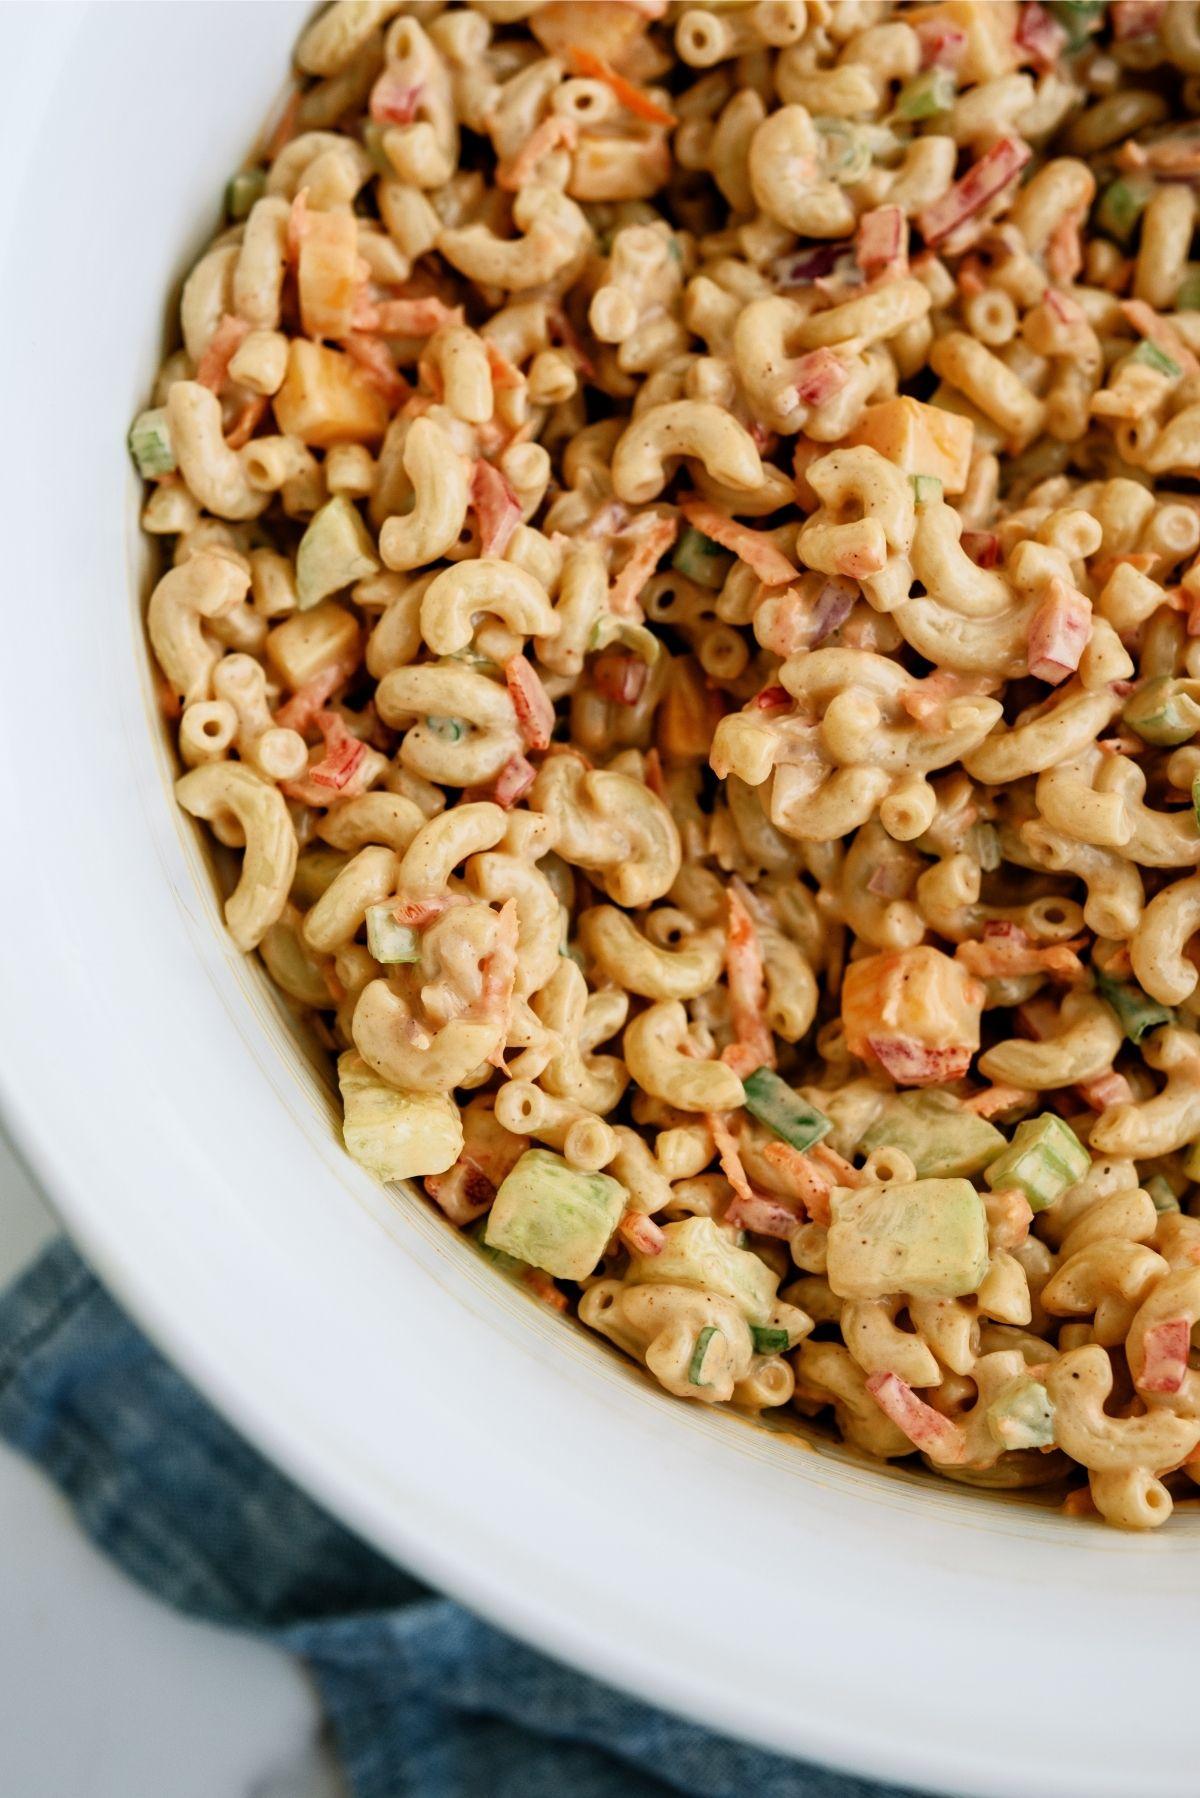 BBQ Macaroni Salad in white bowl